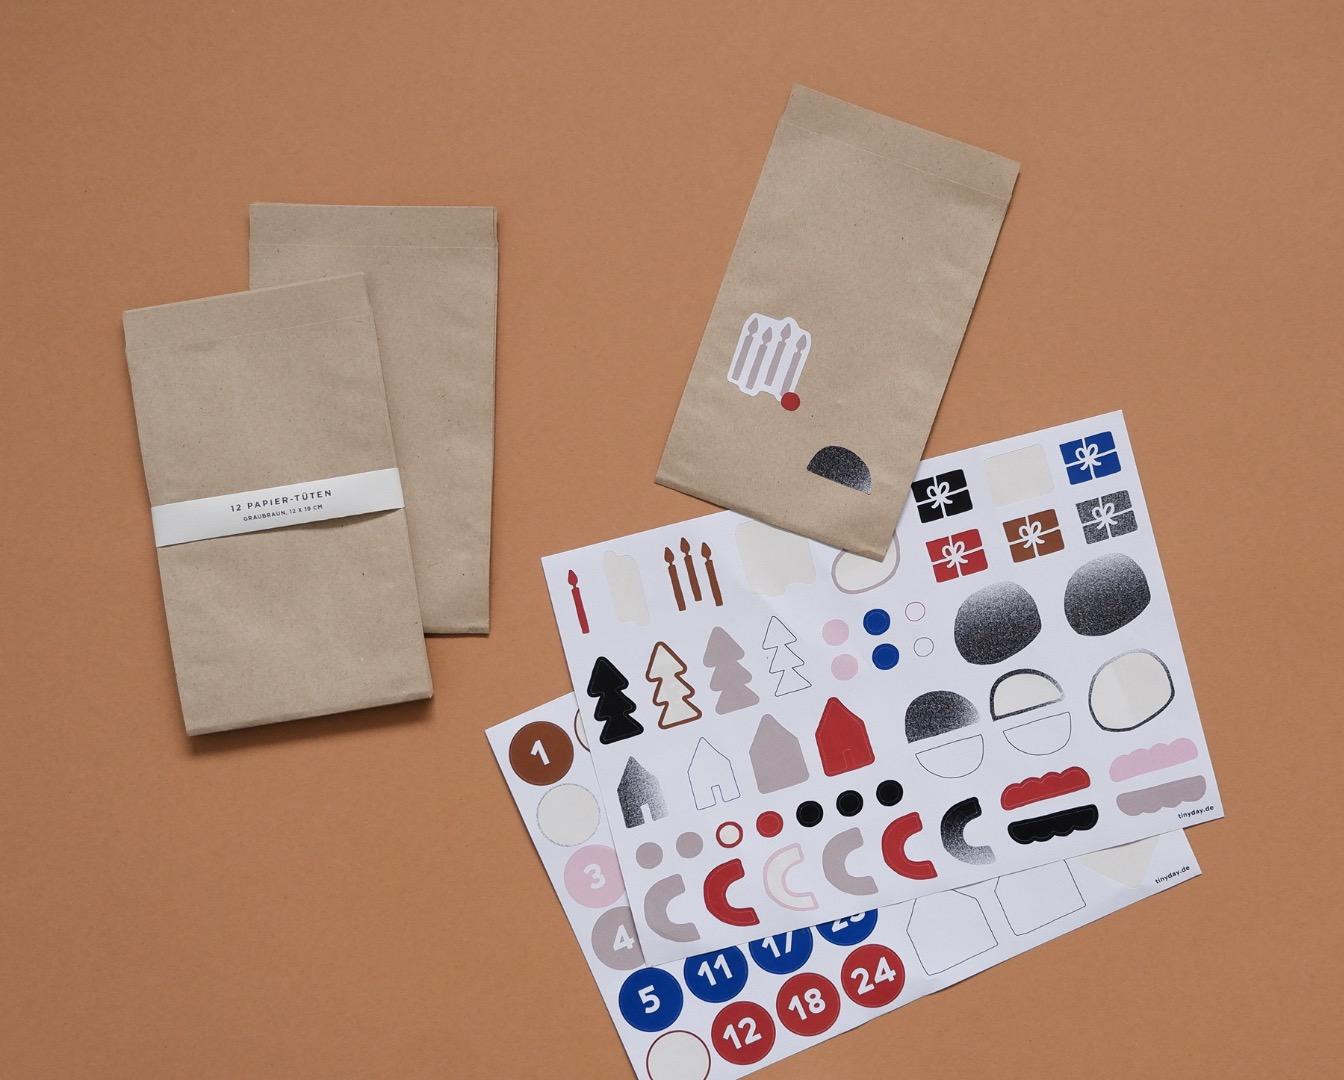 Papier-Tüten 12 Stück 2